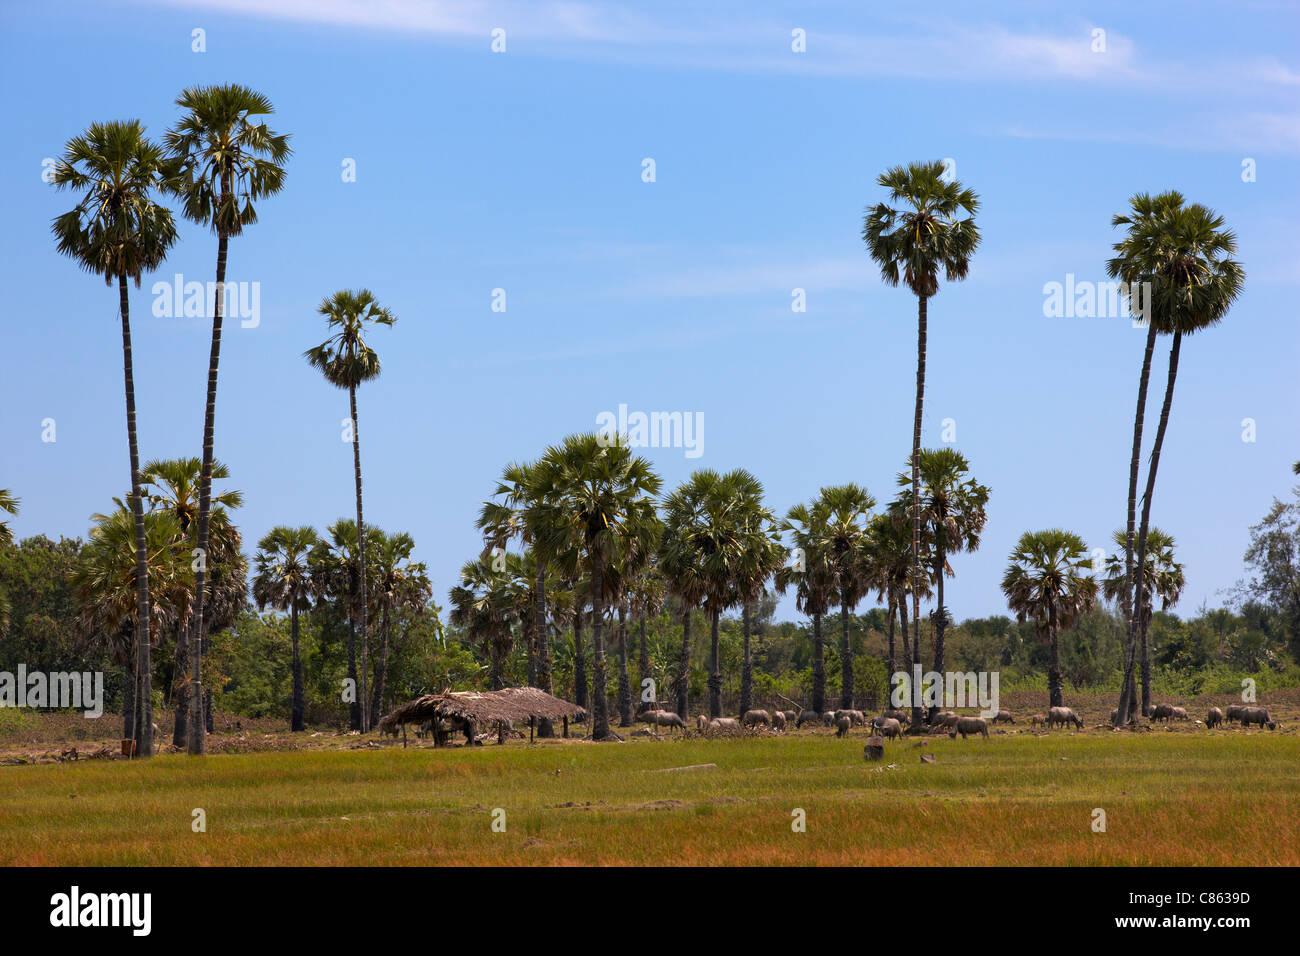 The village of Vemasse, Timor-Leste (East Timor) - Stock Image